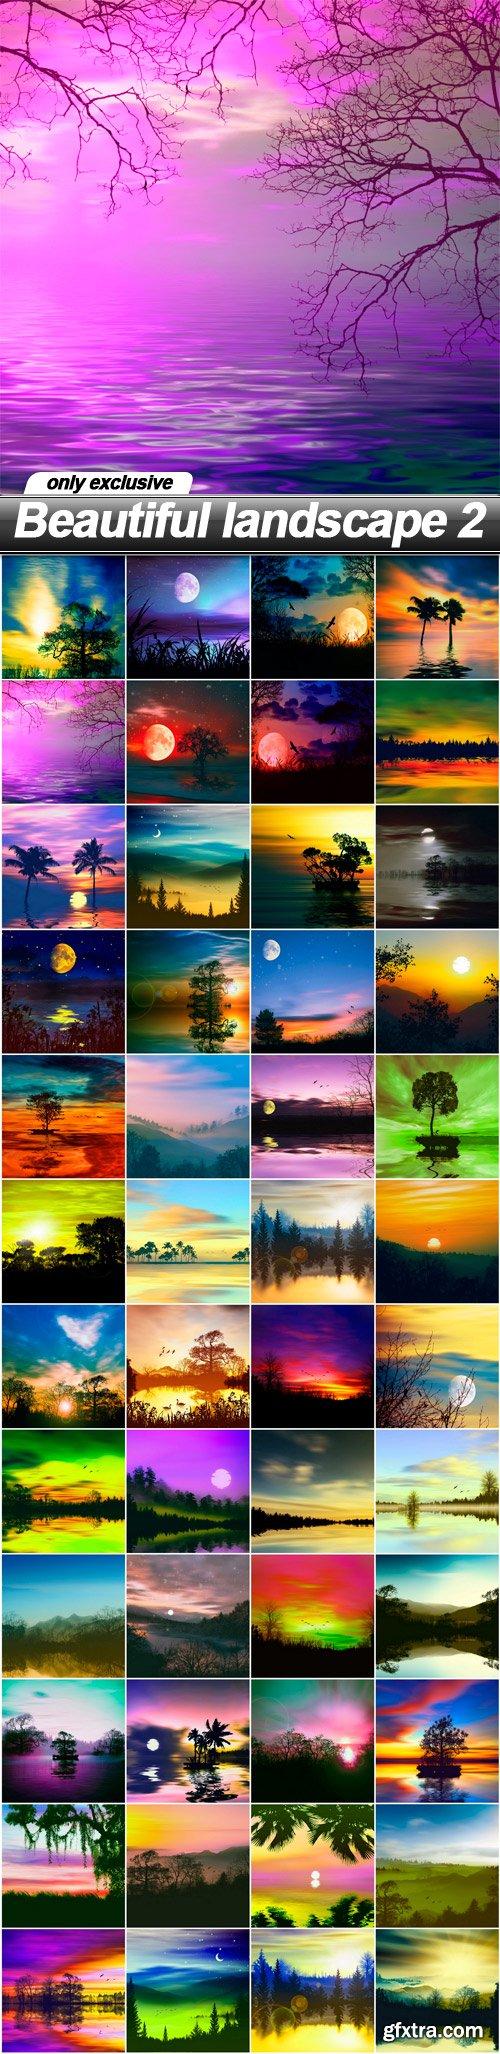 Beautiful landscape 2 - 48 UHQ JPEG